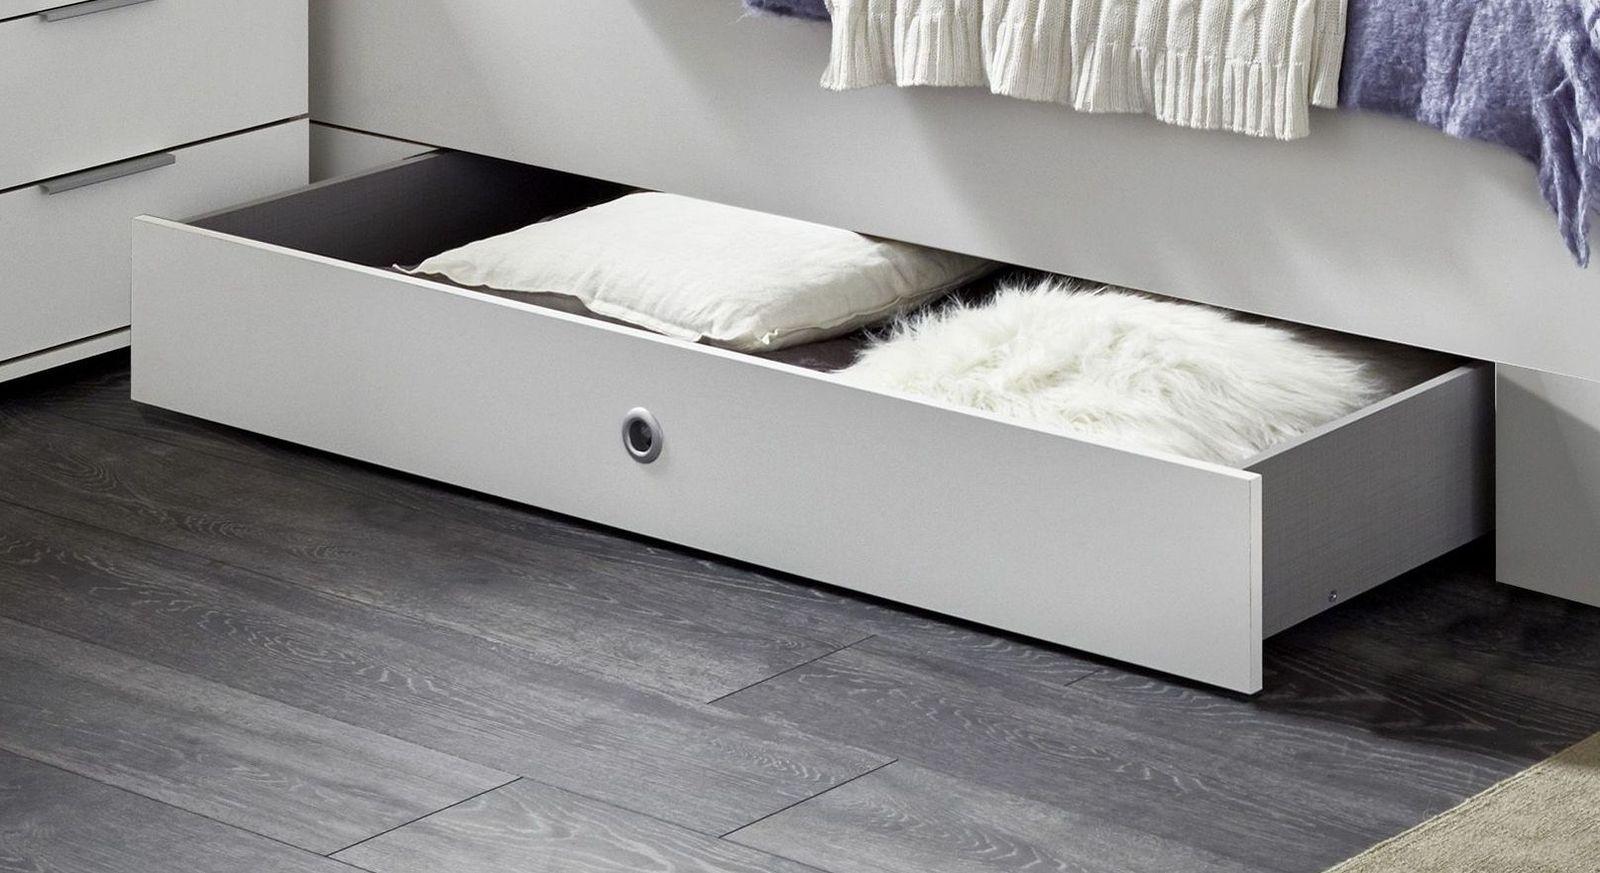 Schubkasten-Einzelbett Aradeo mit Stauraum unterm Bett